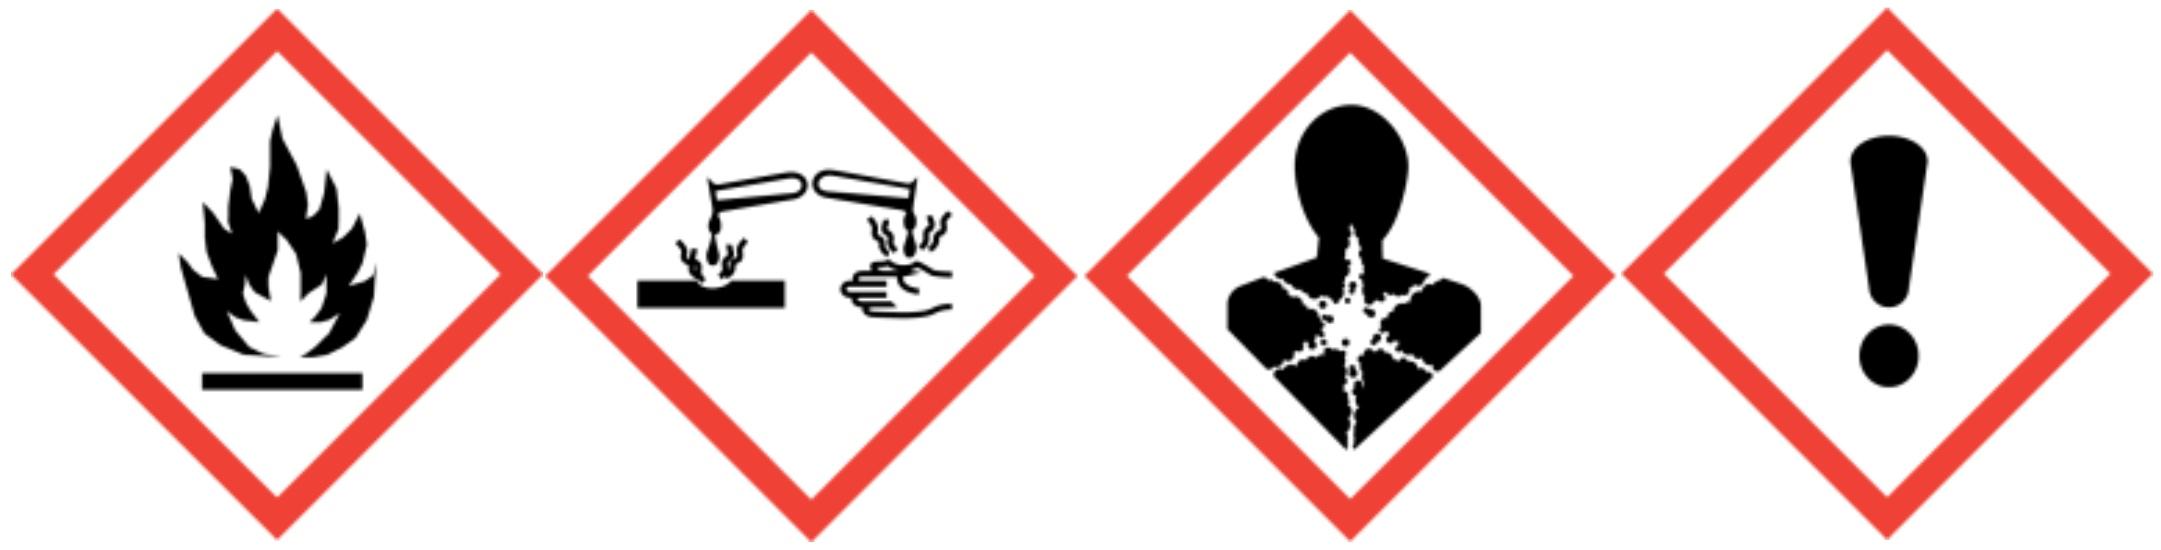 Gefahrenhinweis-Tangit-Kleber